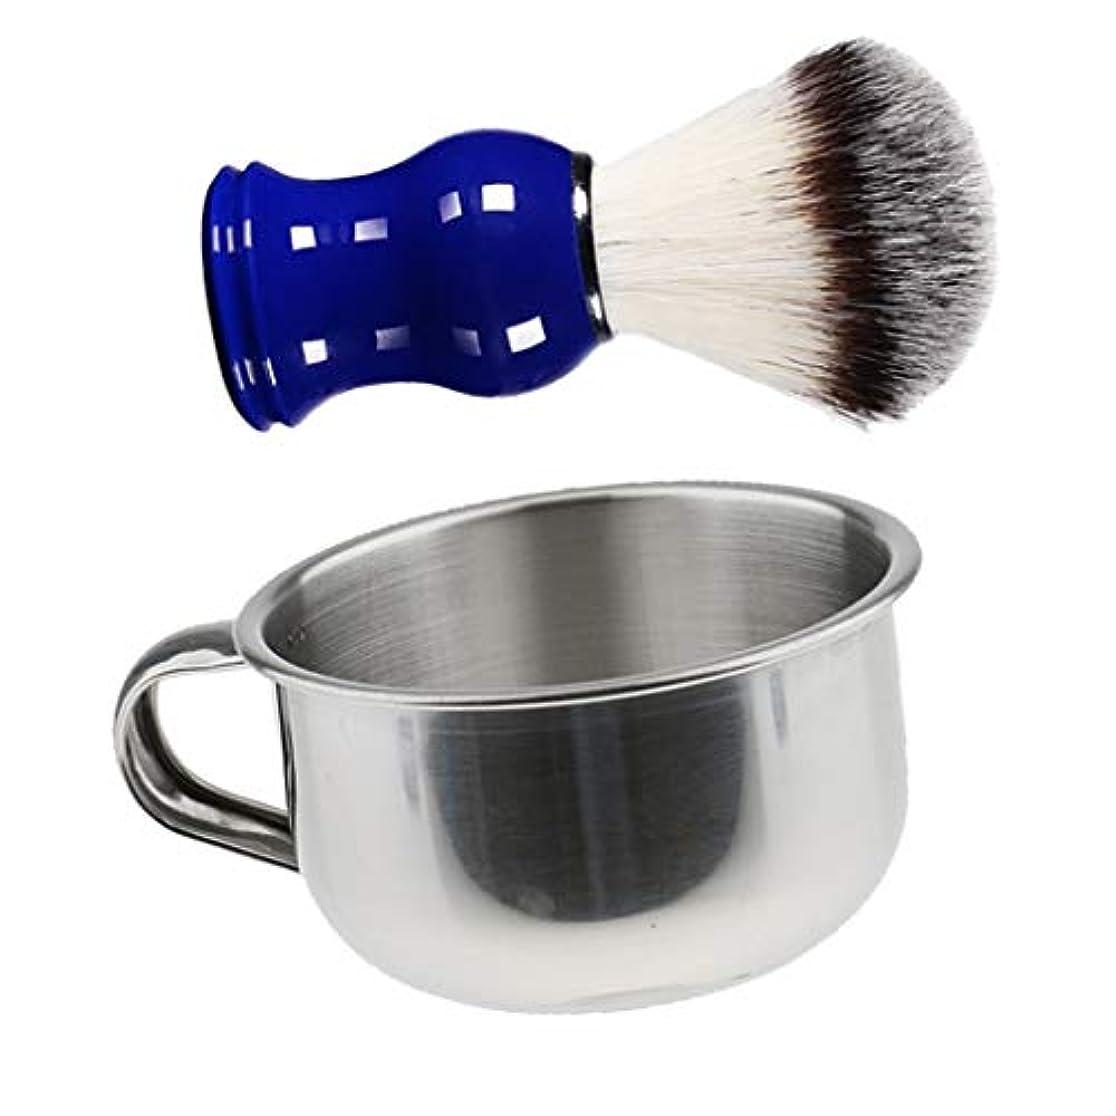 免疫レンディション姿を消すメンズ シェービング マグ ボウル ステンレス製 シェービング用ブラシ 理容 洗顔 髭剃り 贈り物